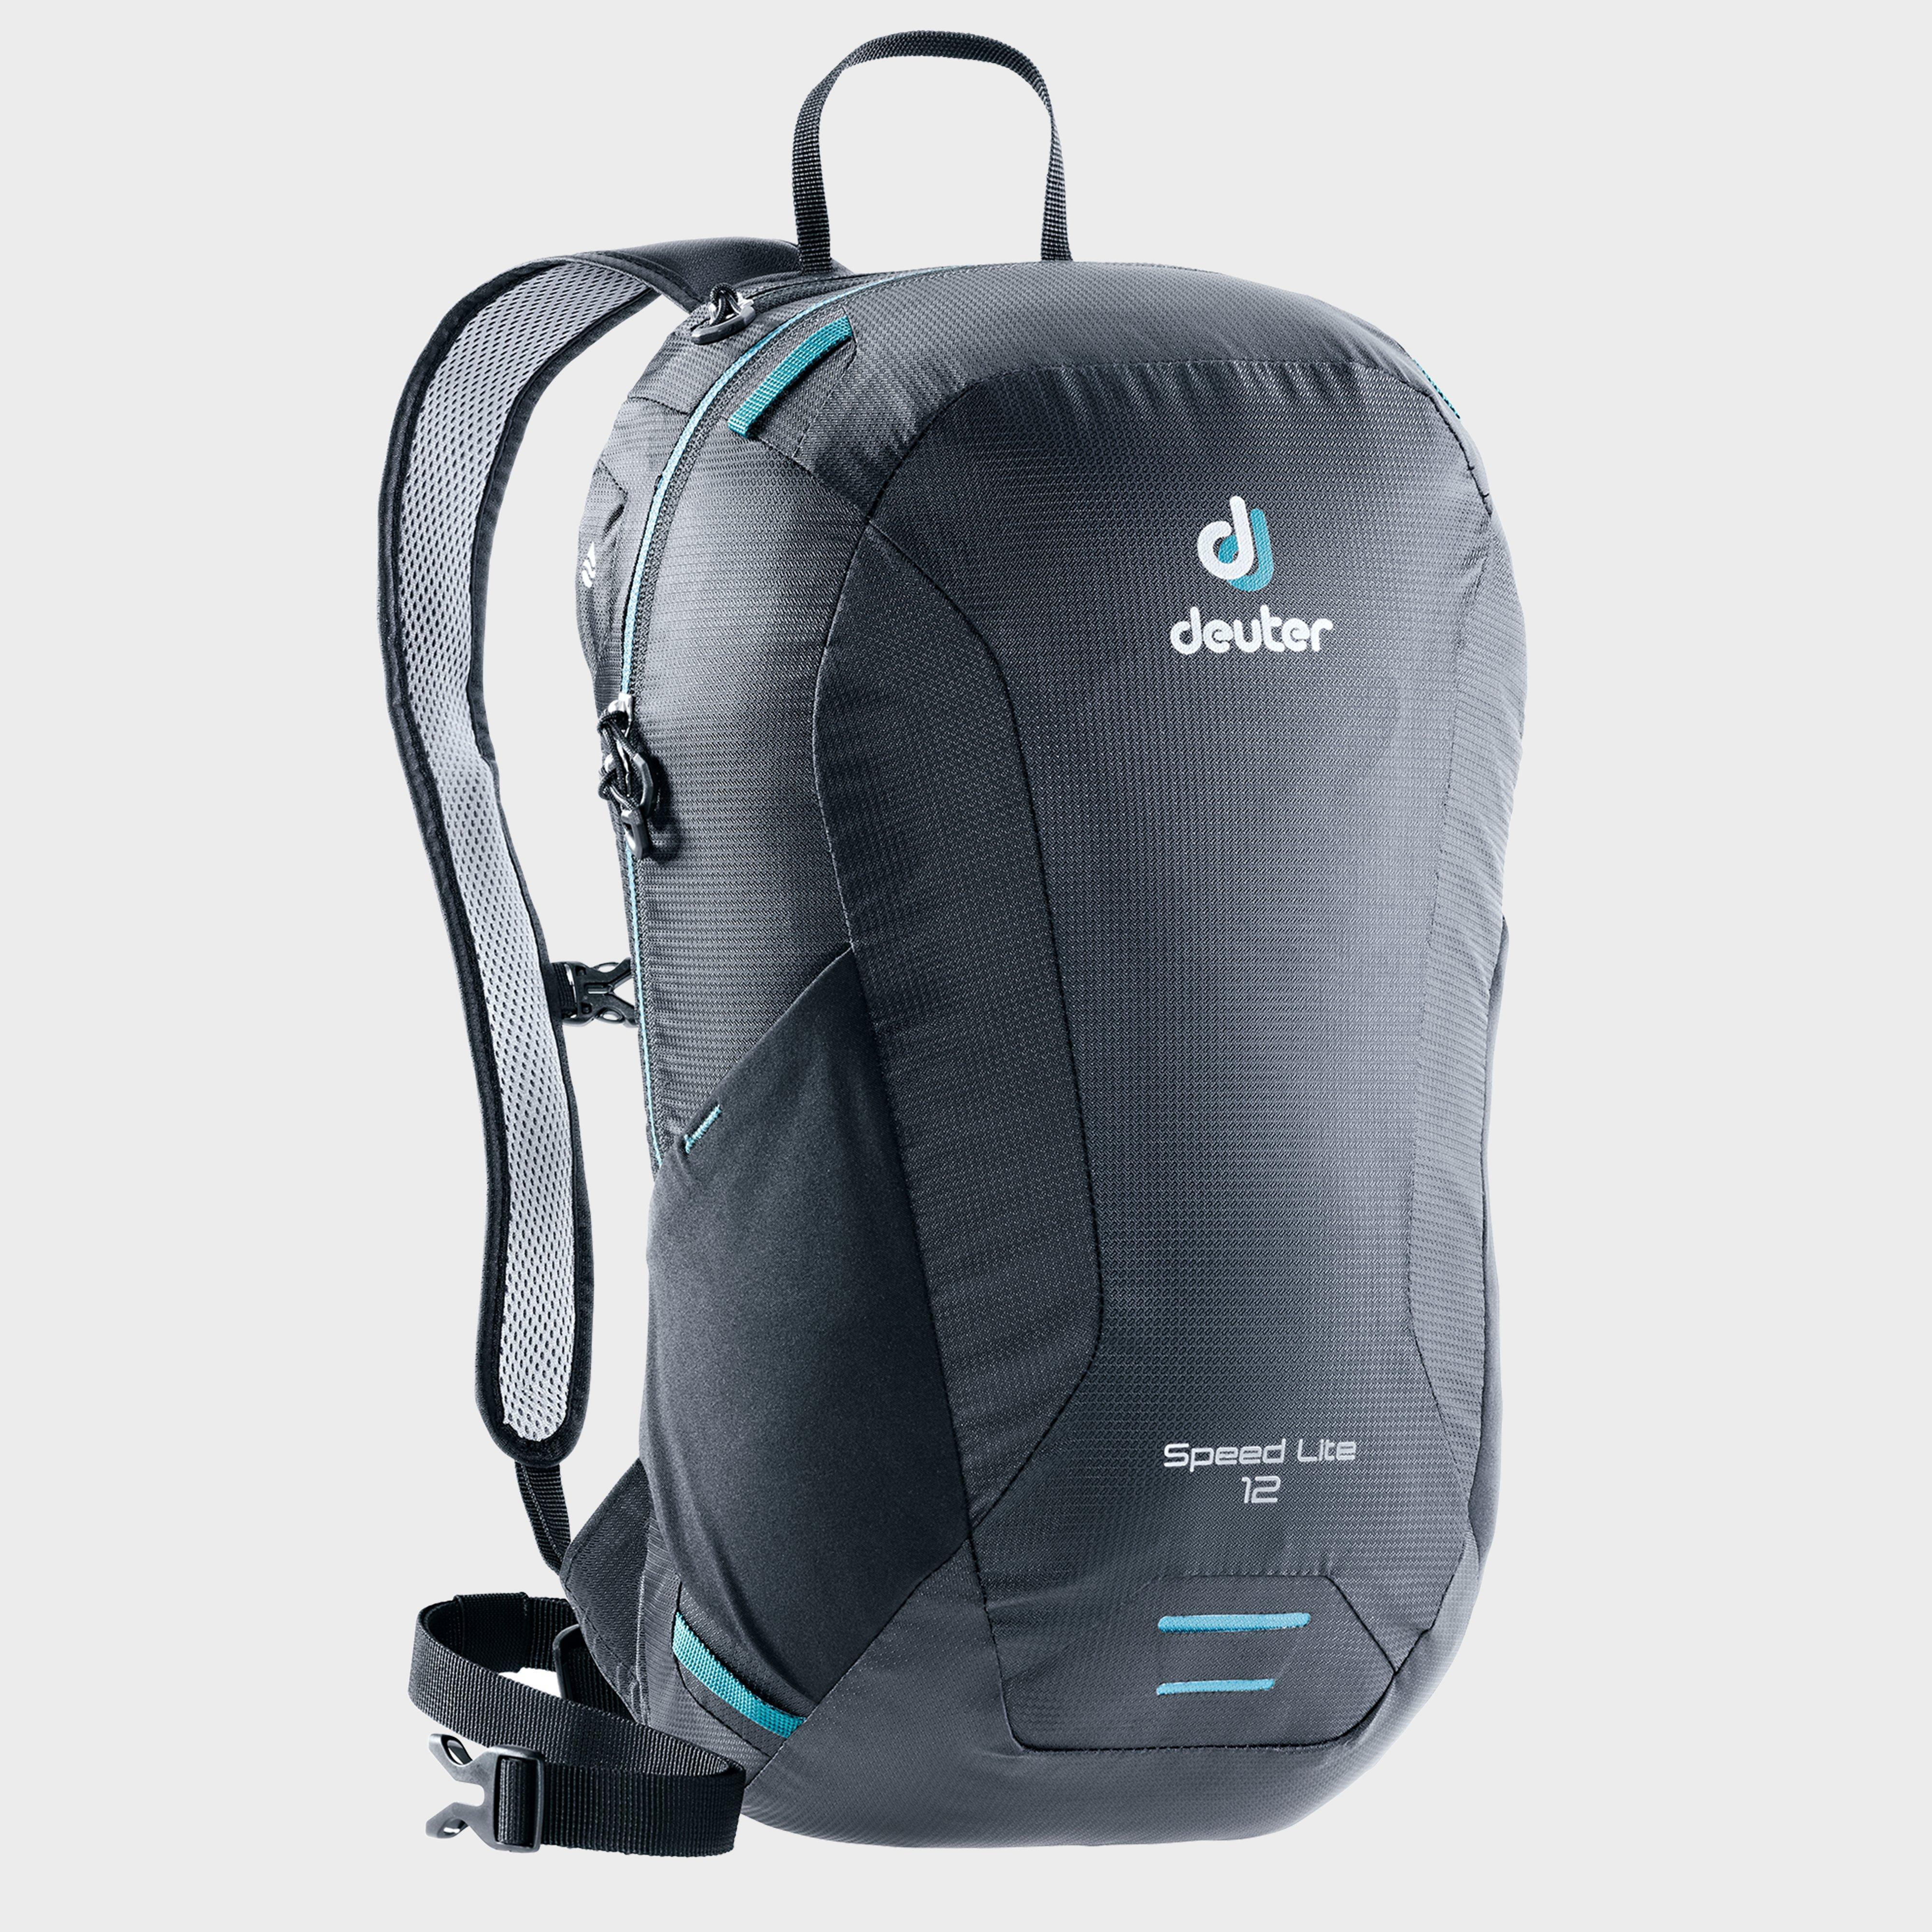 Deuter Deuter Speed Lite 12 Daypack - Black, Black